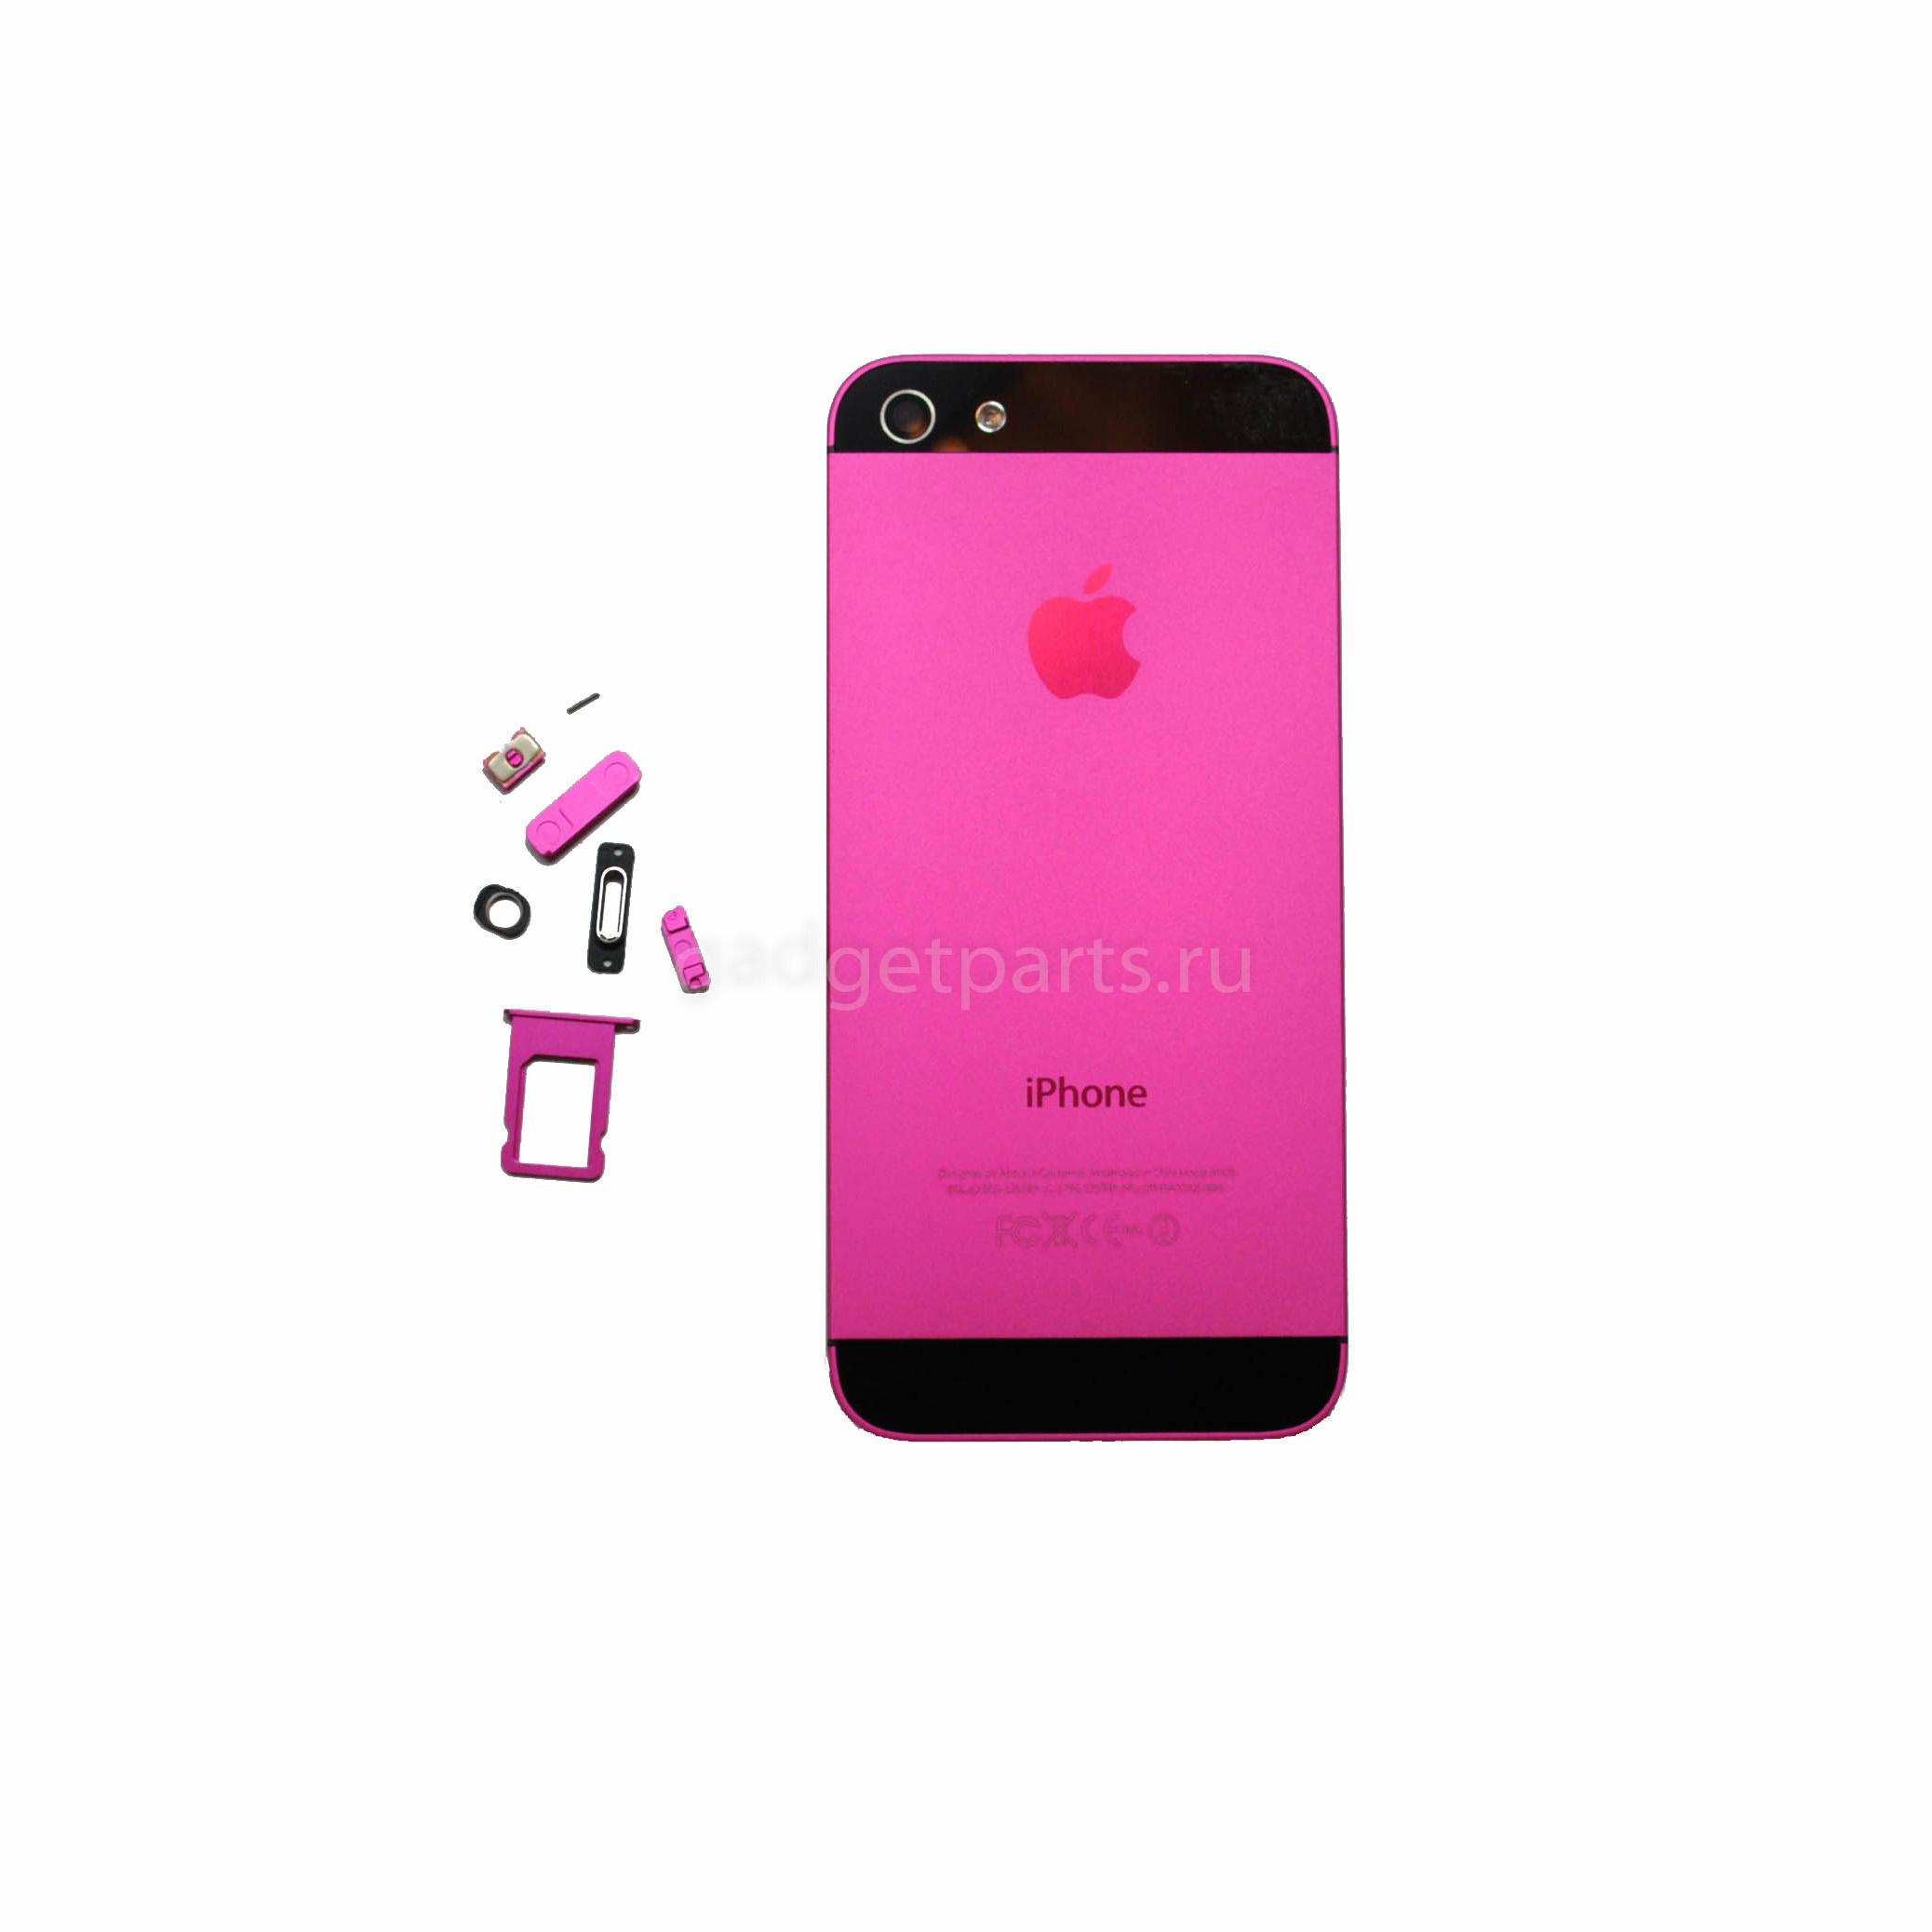 Задняя крышка iPhone 5 Сливовая (Plum)